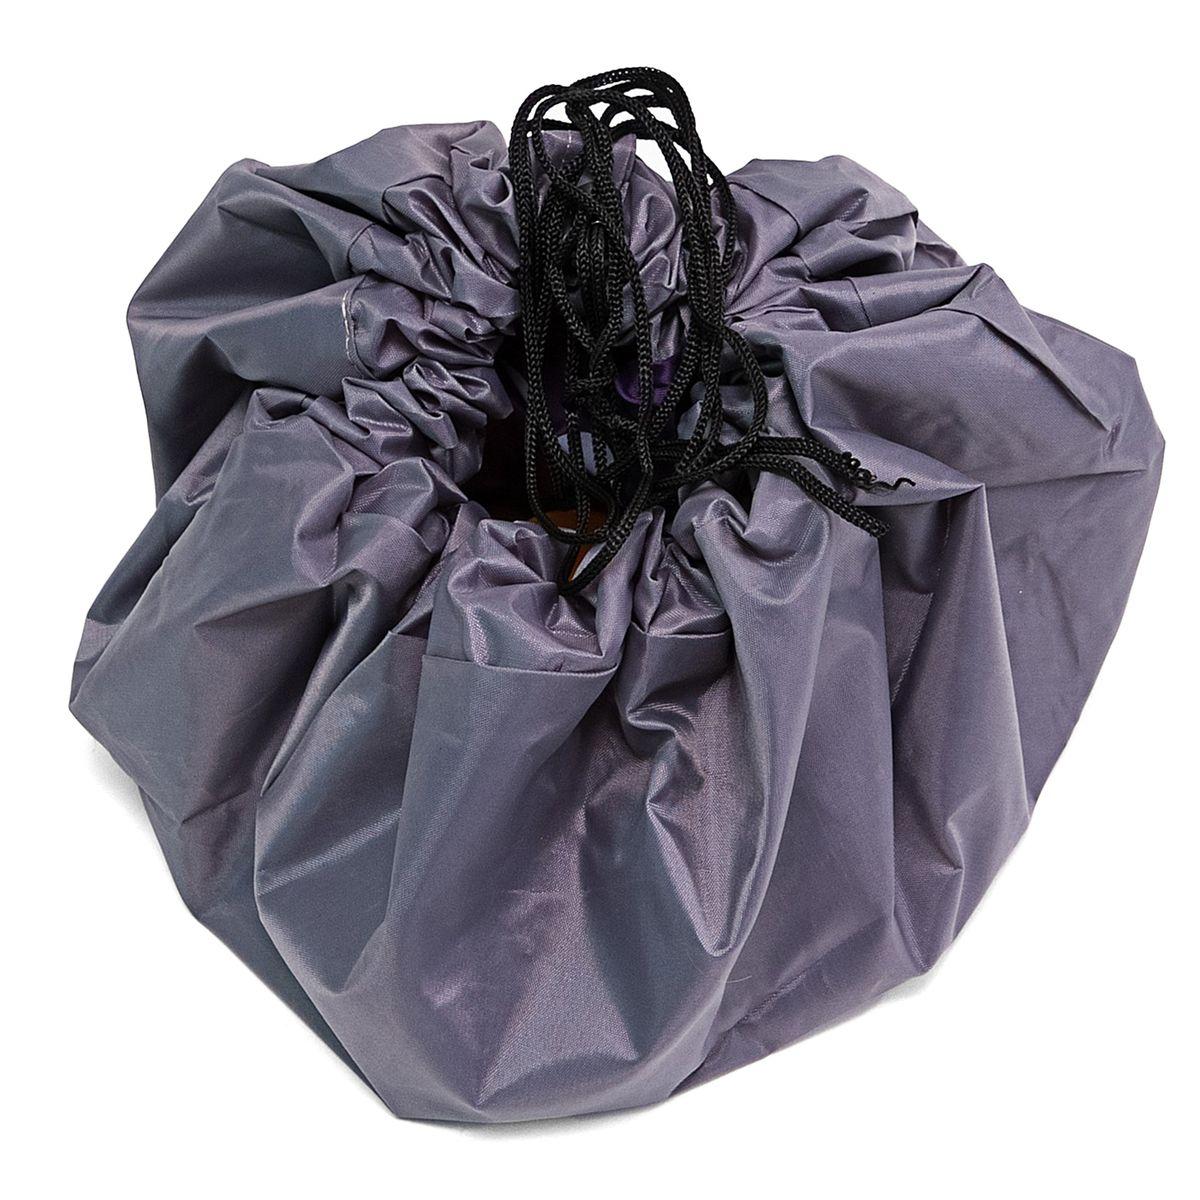 Сумка-коврик Homsu  Лужайка , цвет: фиолетовый, 80х80 см - Подушки, пледы, коврики